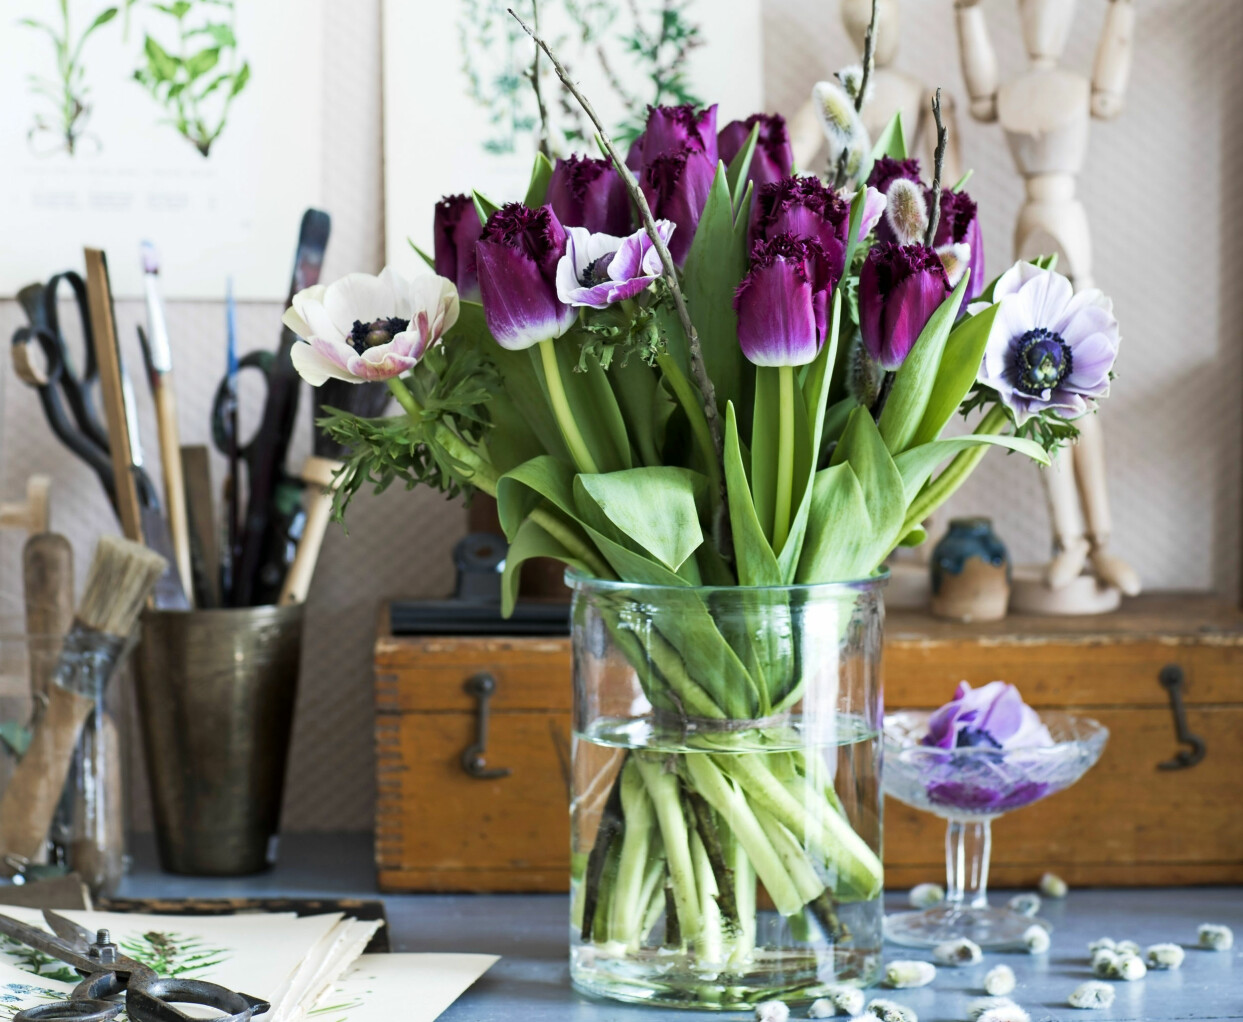 Lila bukett med tulpaner, anemoner och videkvistar.